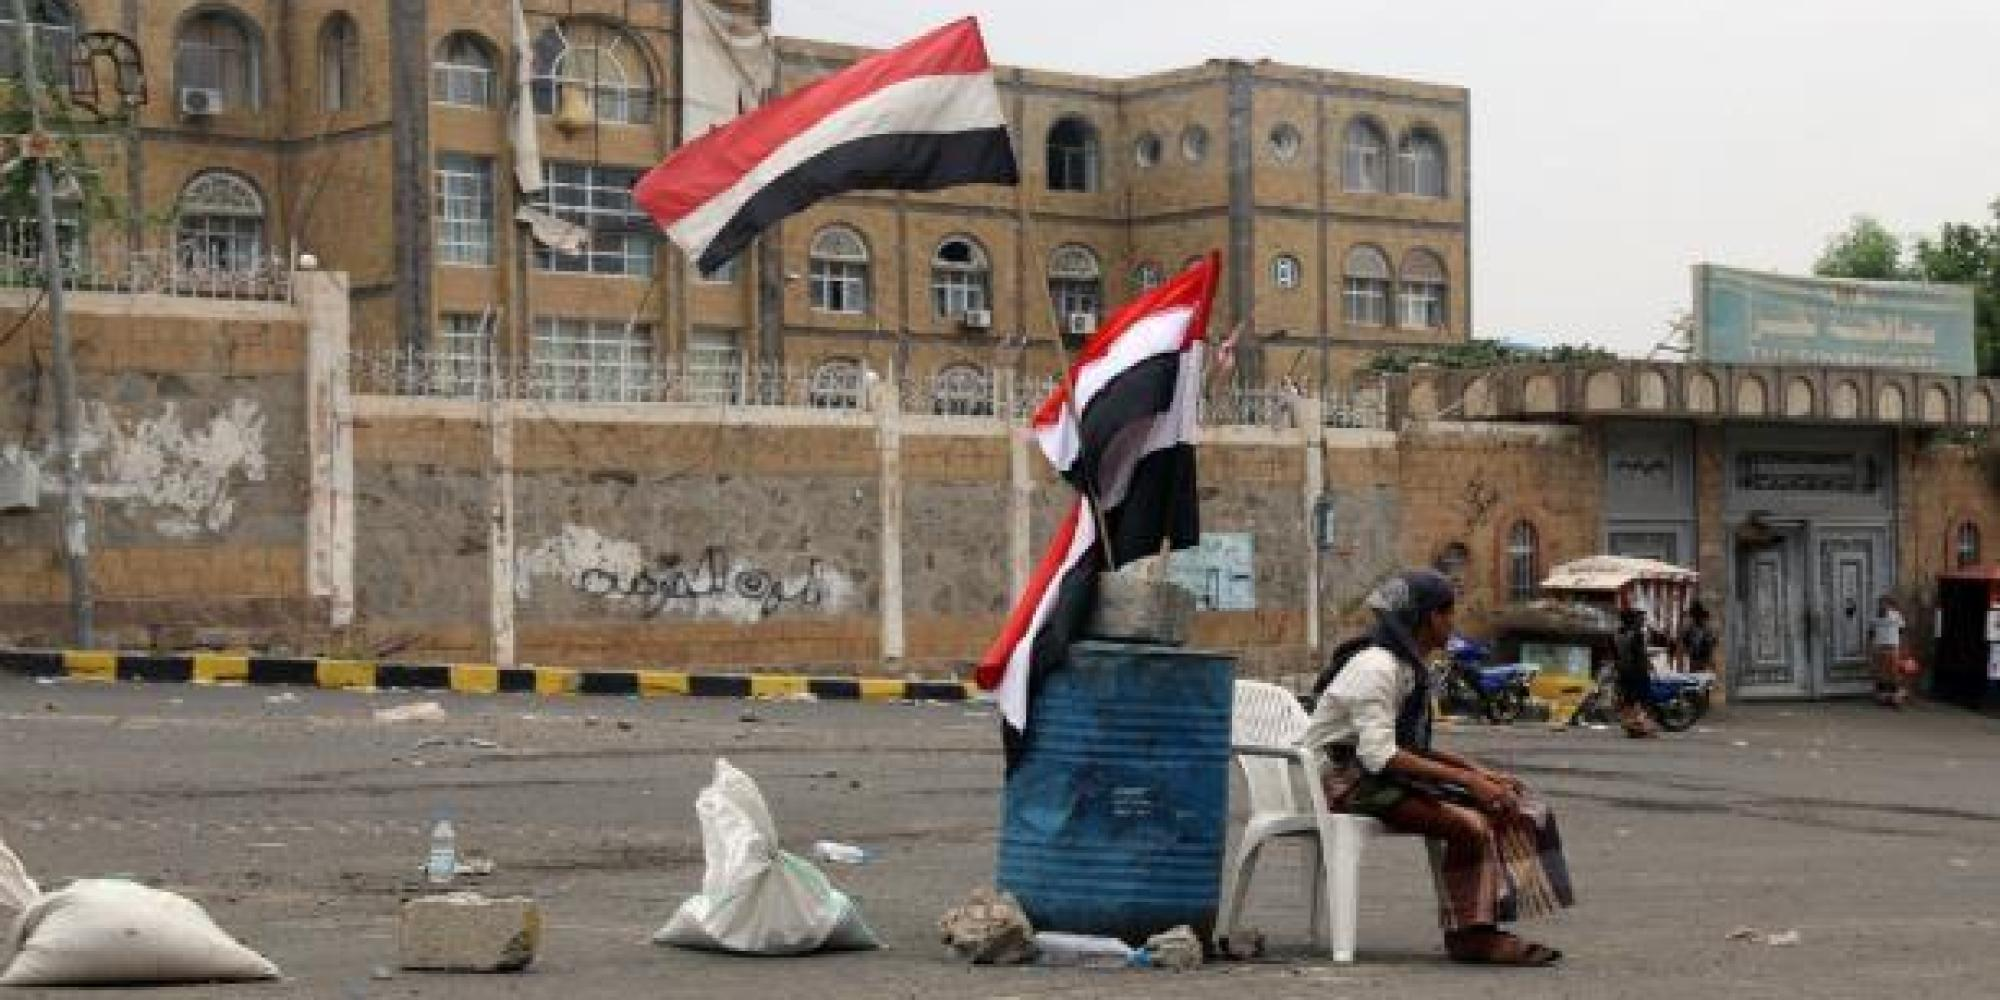 السعودية تسهم في دعم الاقتصاد اليمني المنهار بهذه الوديعة